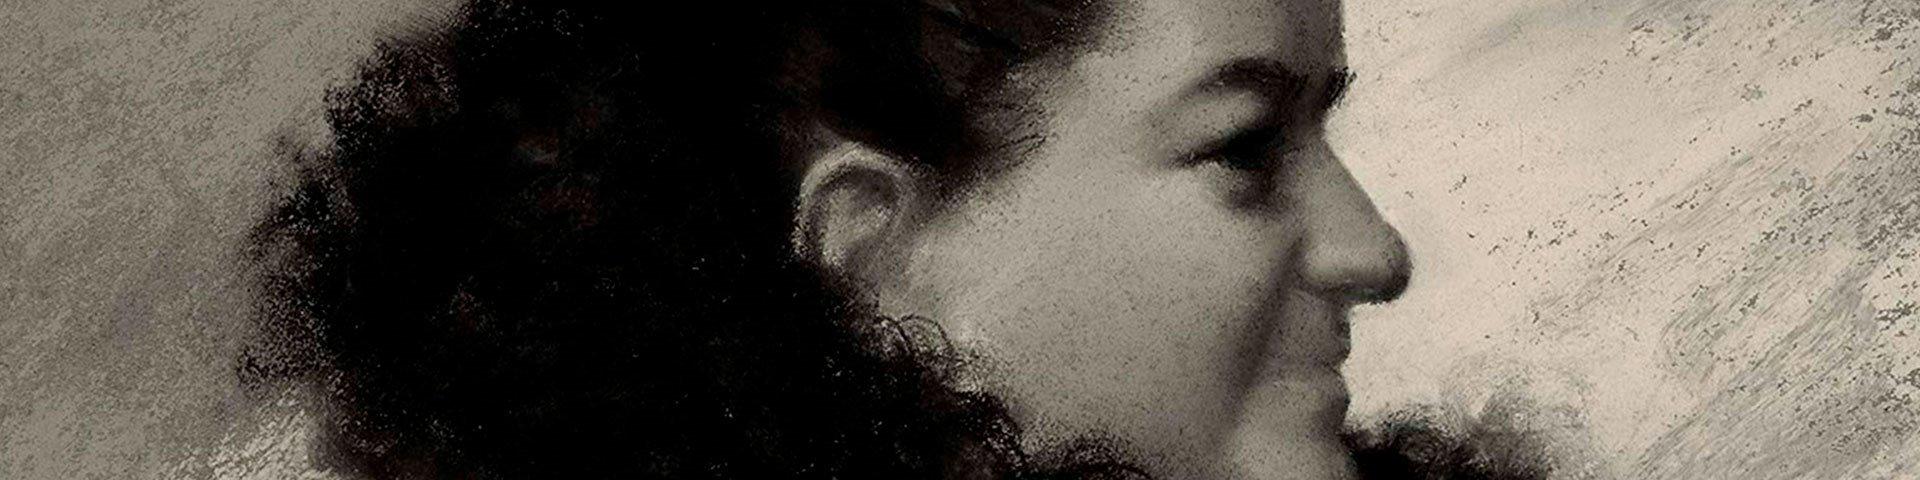 Emilia Pardo Bazán, o el anhelo biográfico